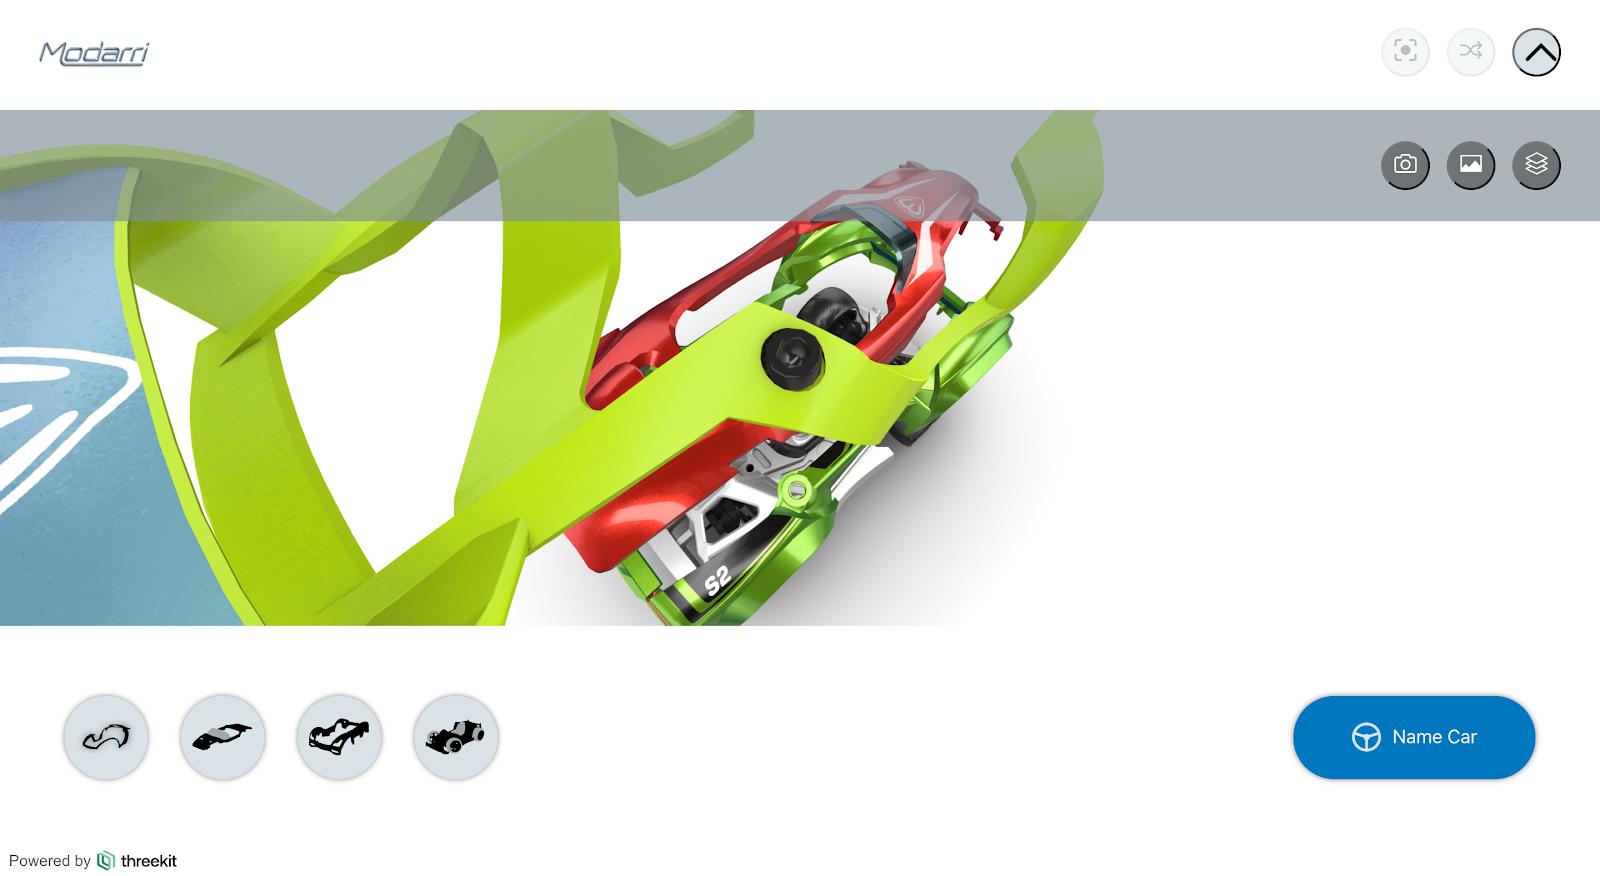 Modarri toy car explision view